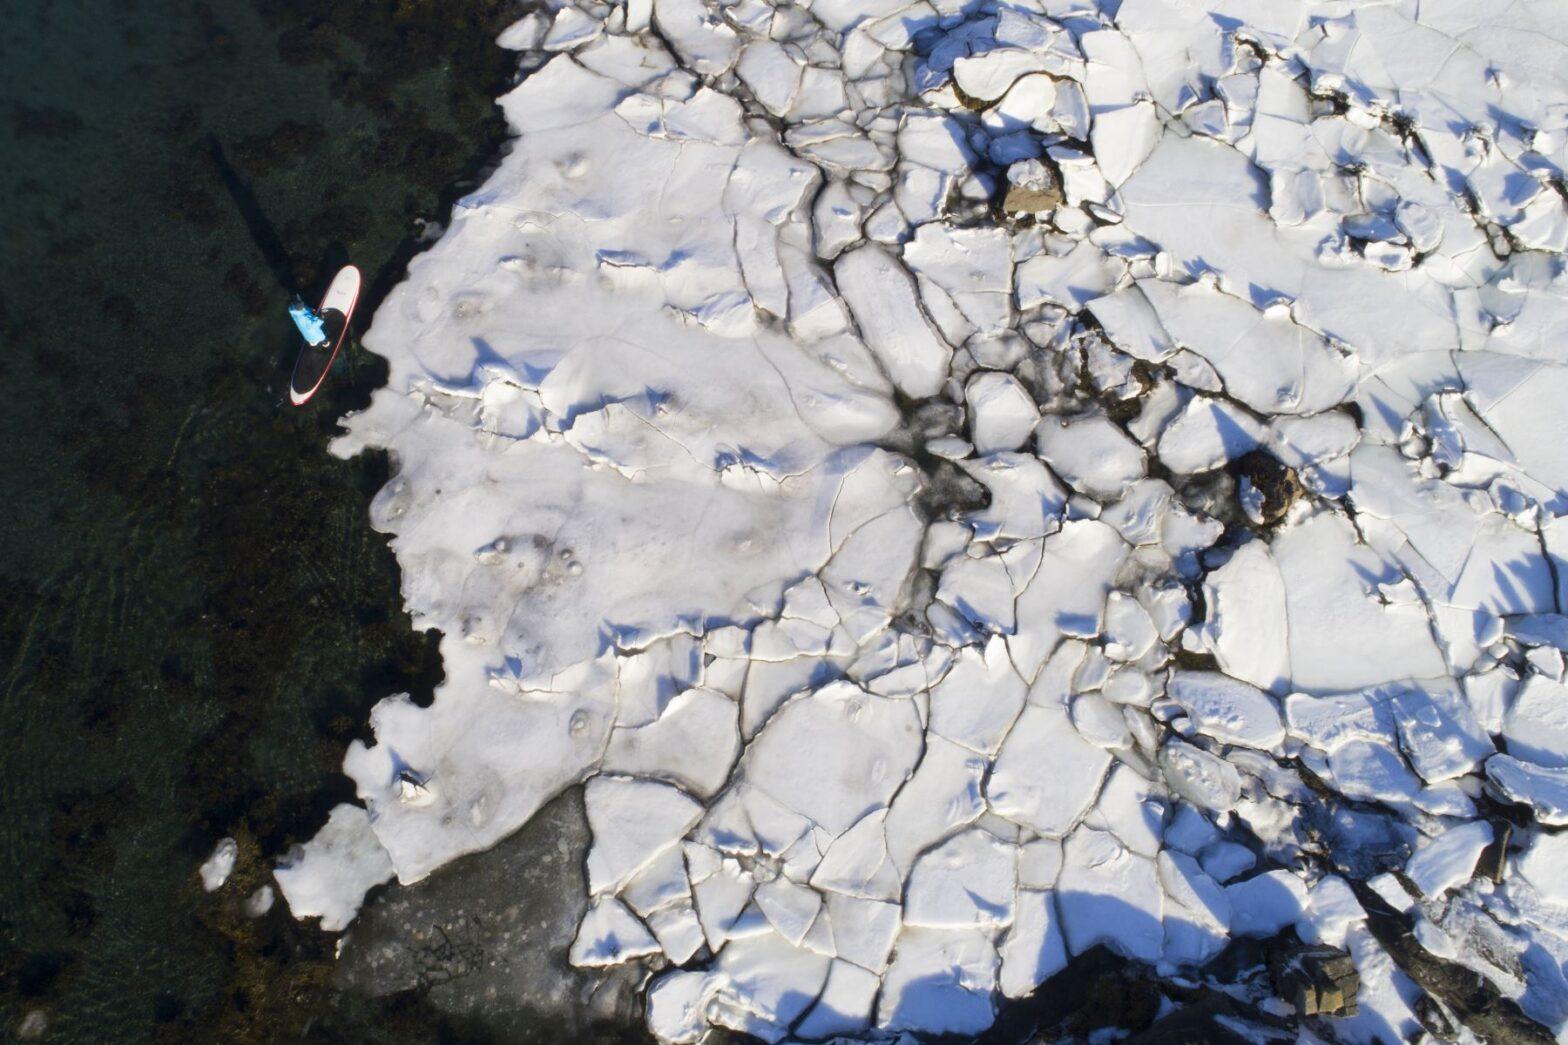 Revista Nature: Groenlandia perderá más hielo este siglo que en los últimos 12,000 años